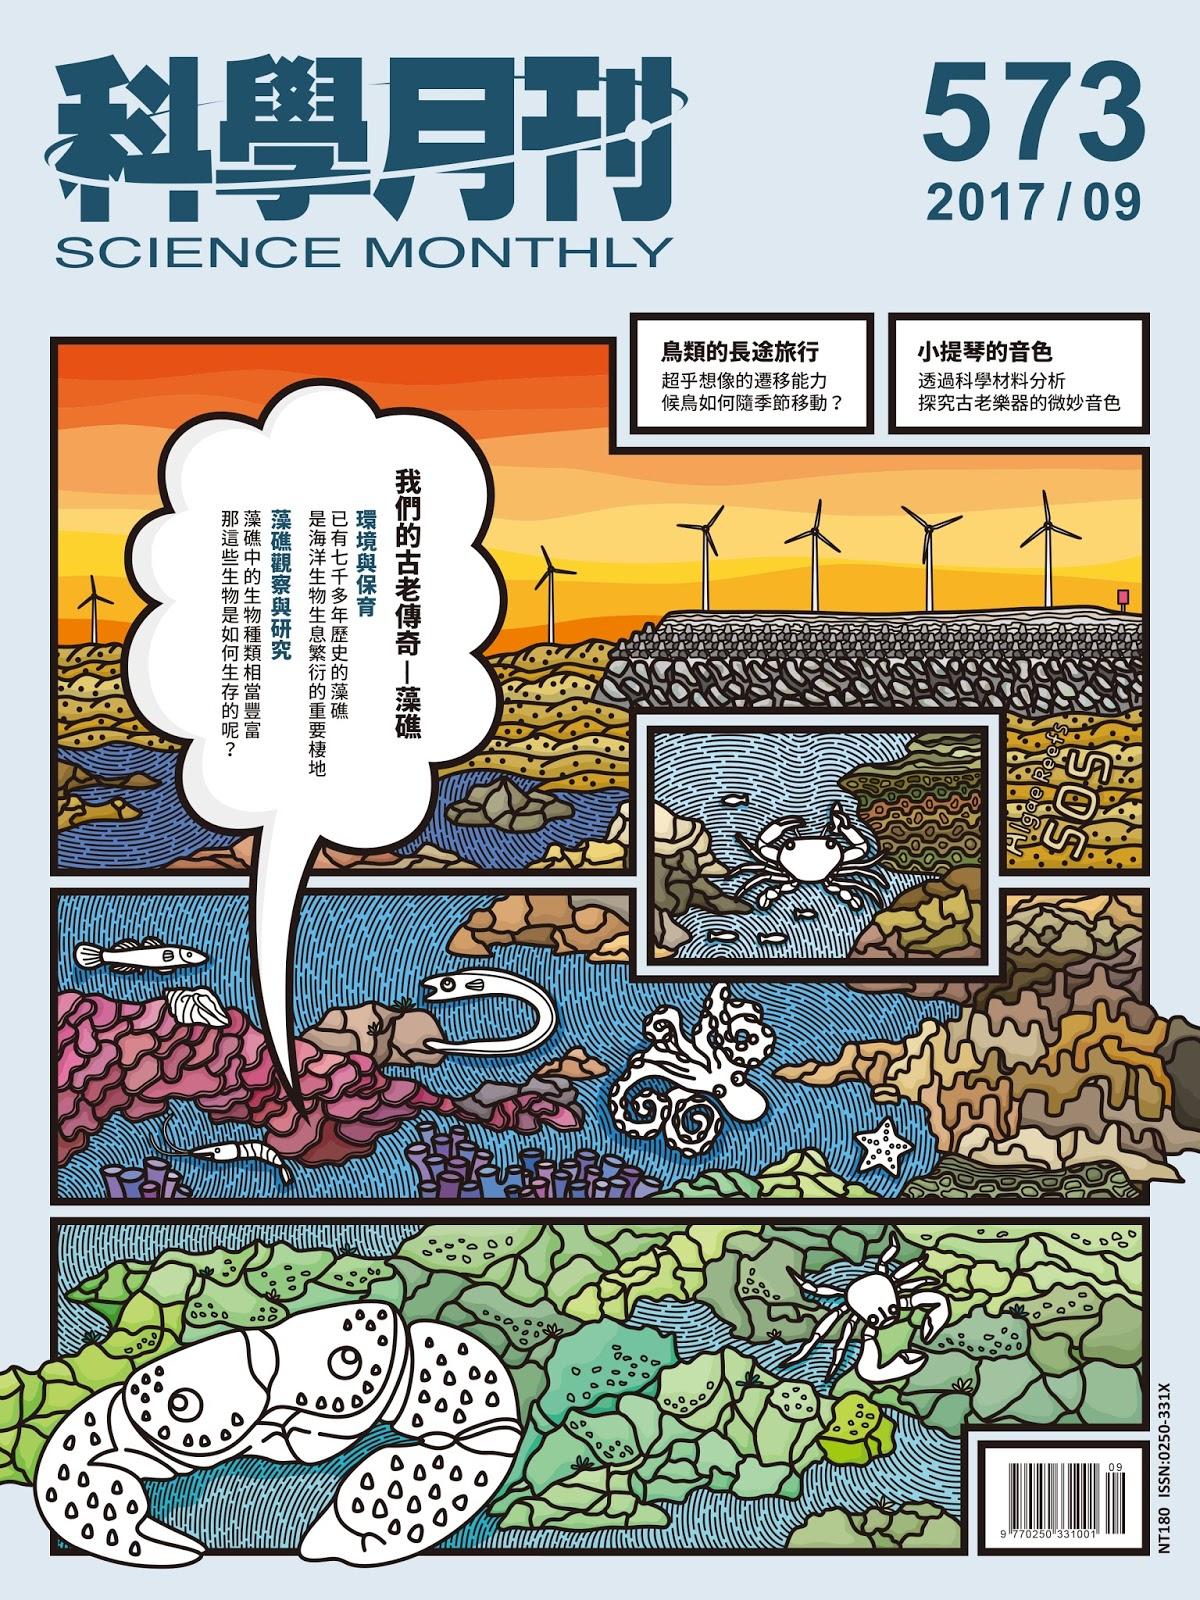 科學月刊: 科學月刊9月號573期